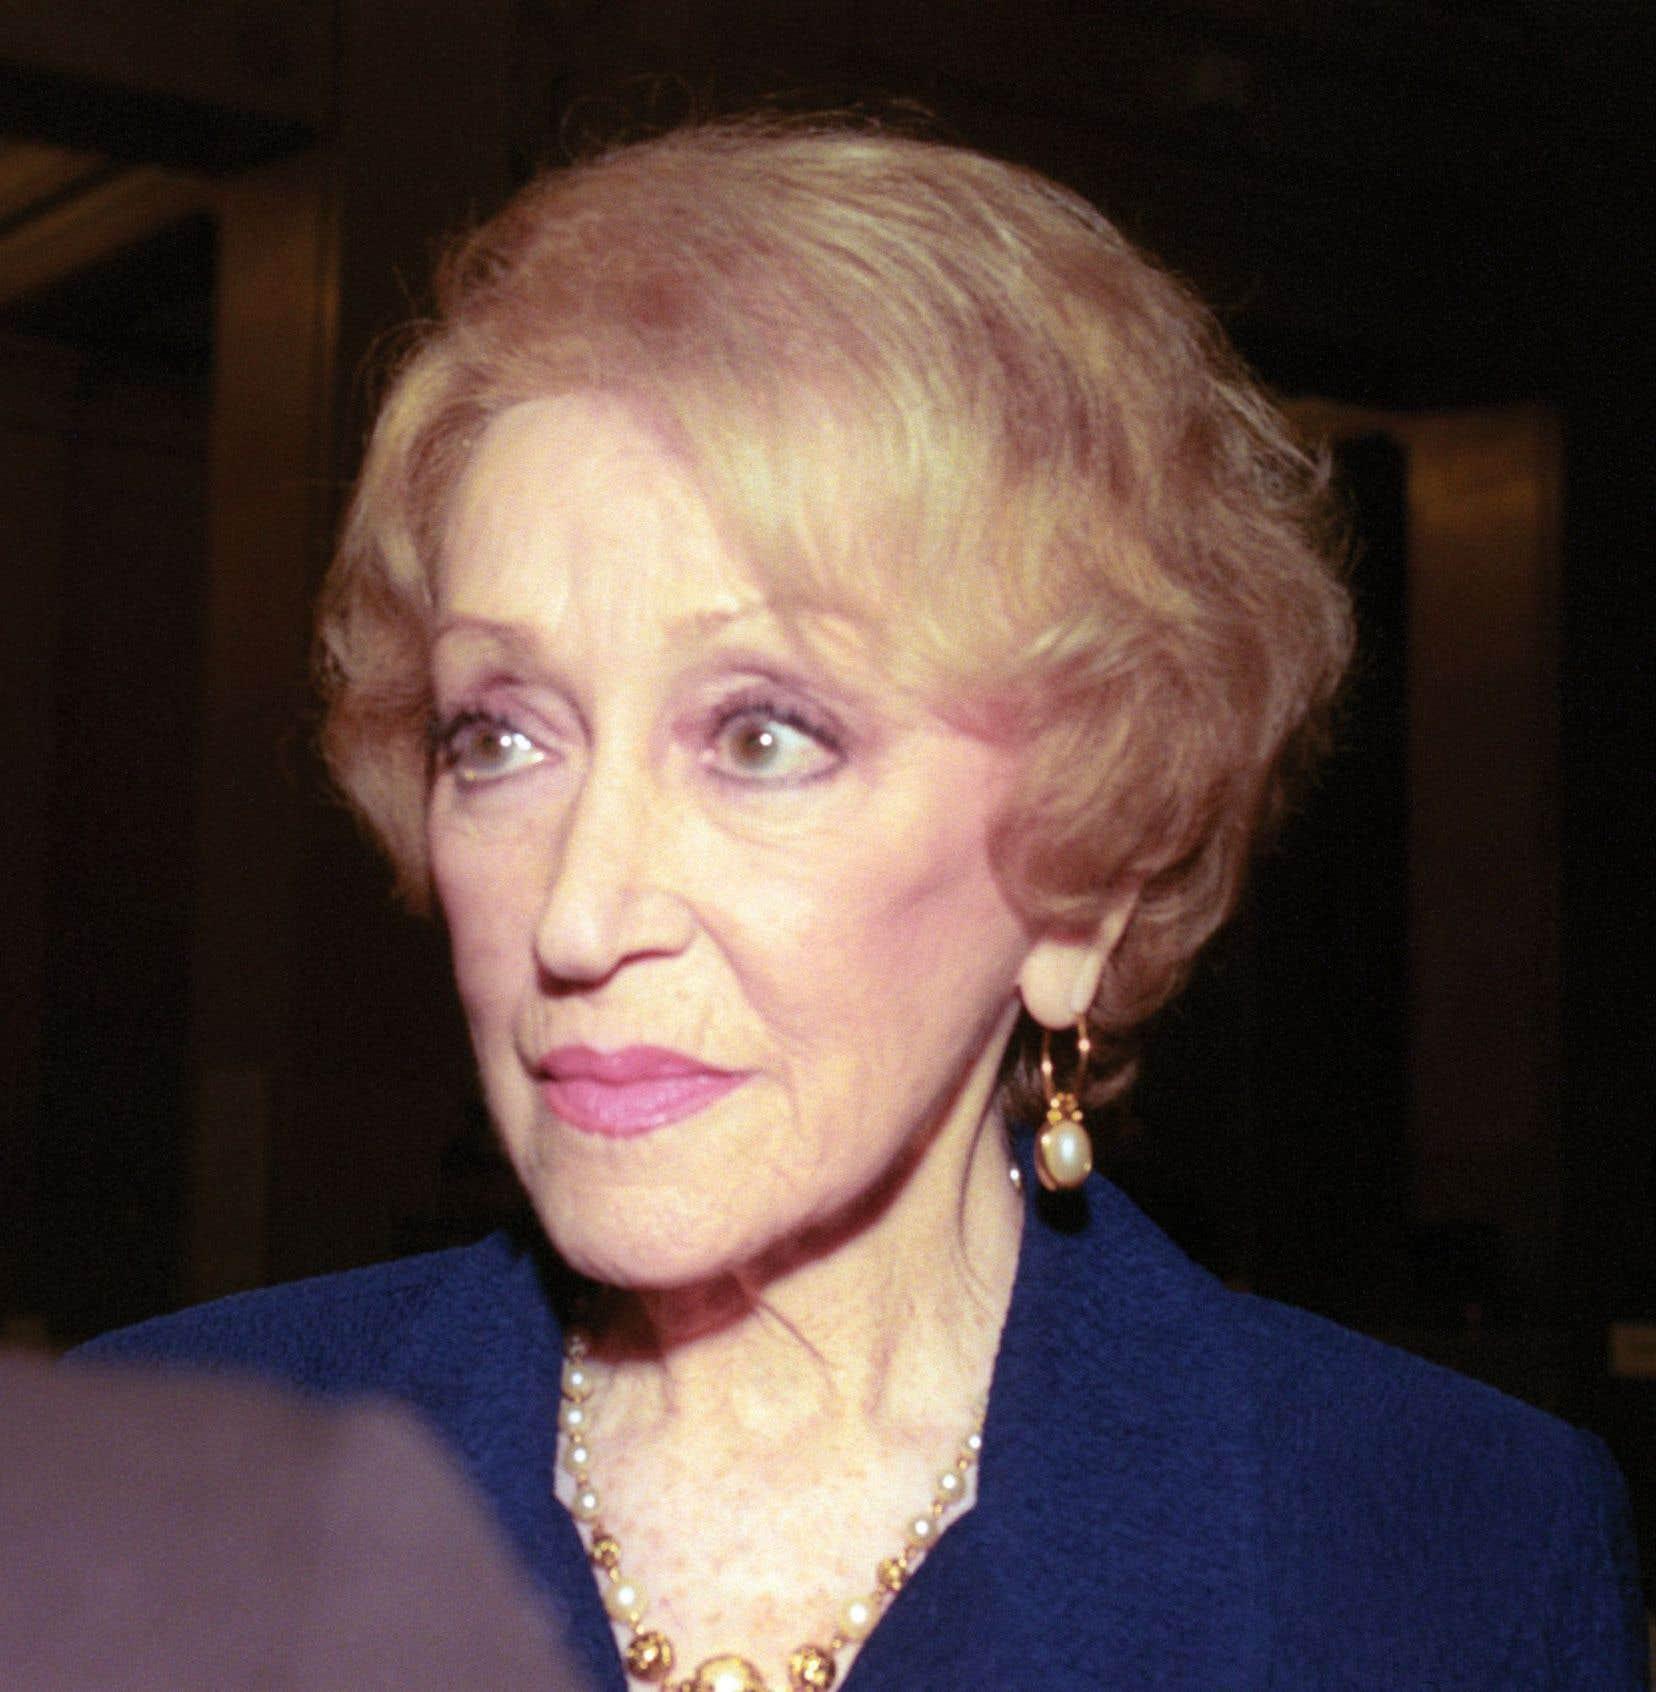 La chanteuse Lucille Dumont, photographiée en 2000.